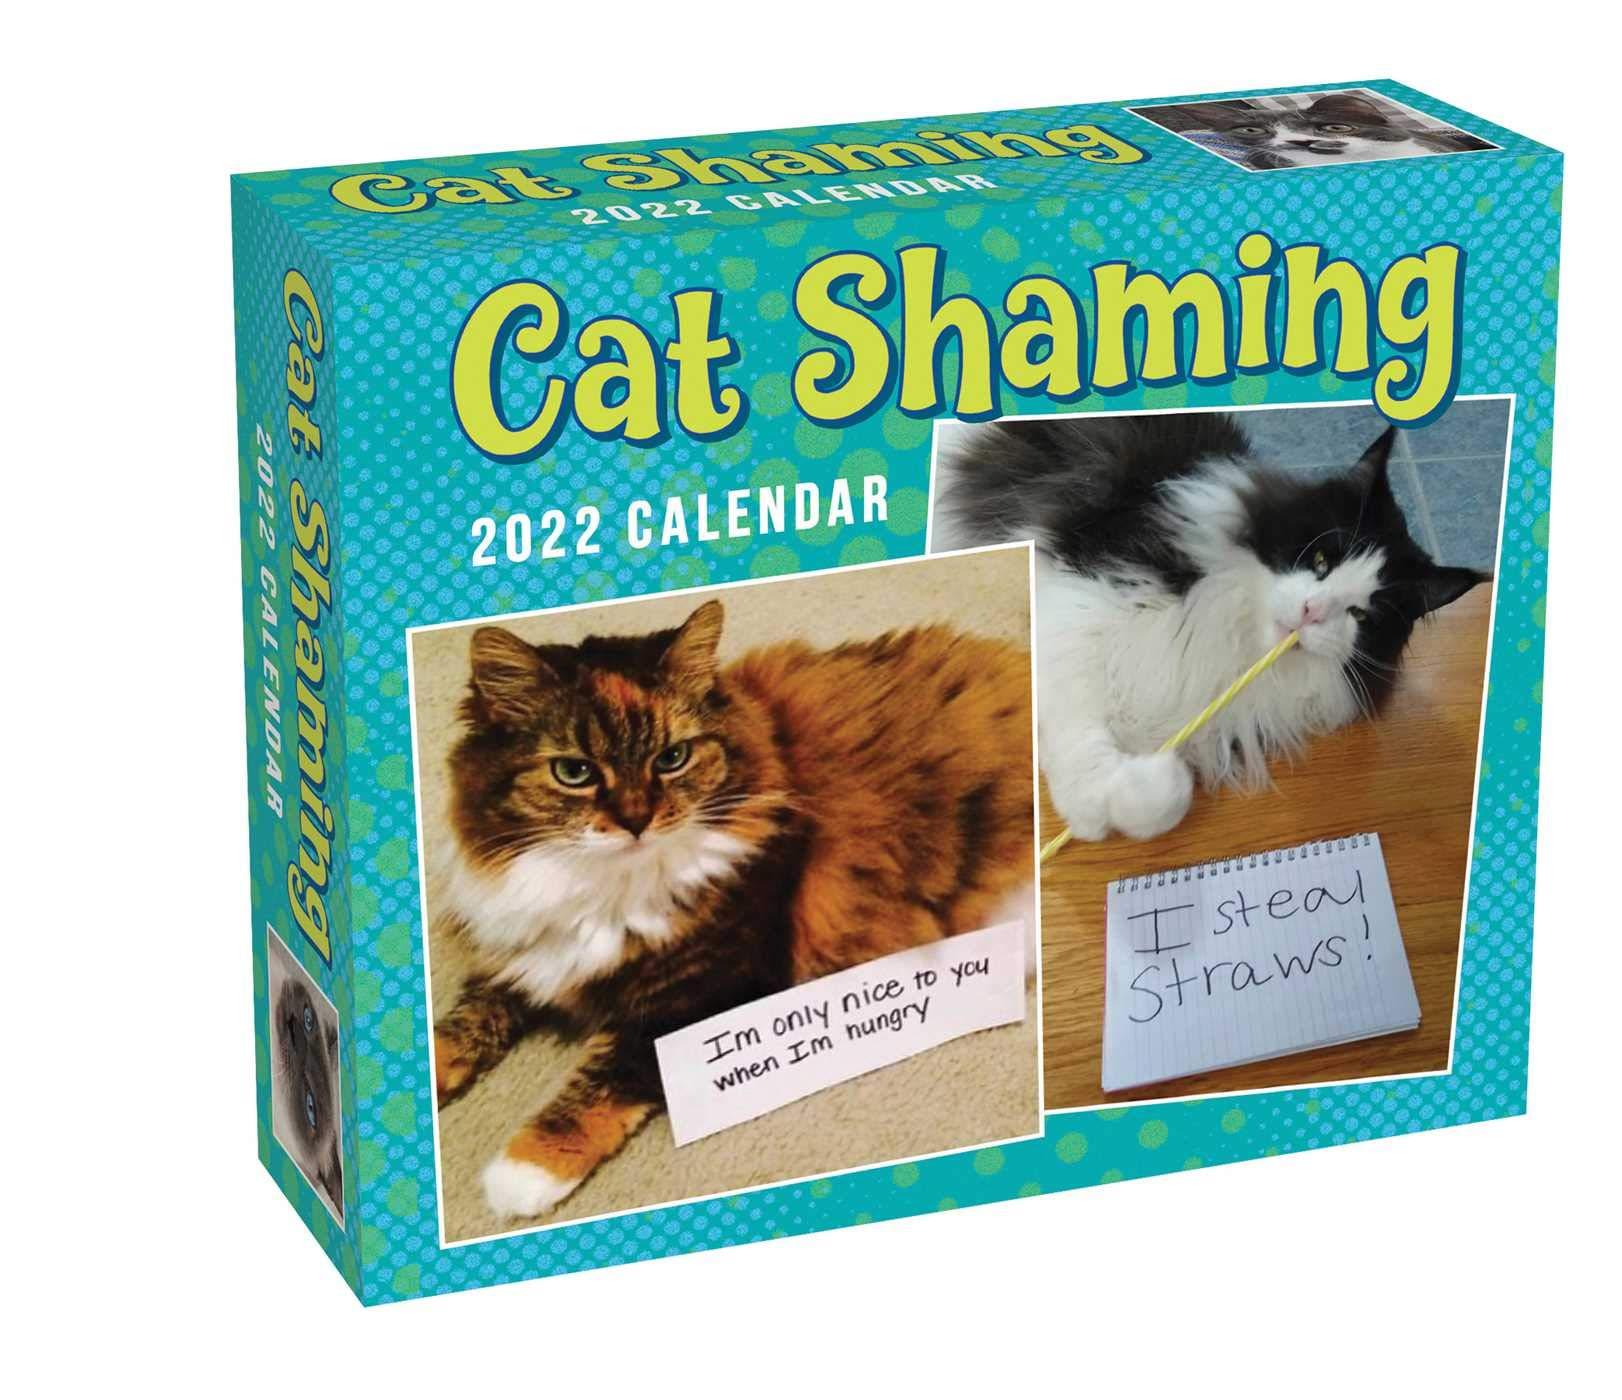 Cat Calendar 2022.Cat Shaming 2022 Day To Day Calendar Andrade Pedro 0050837439863 Amazon Com Books